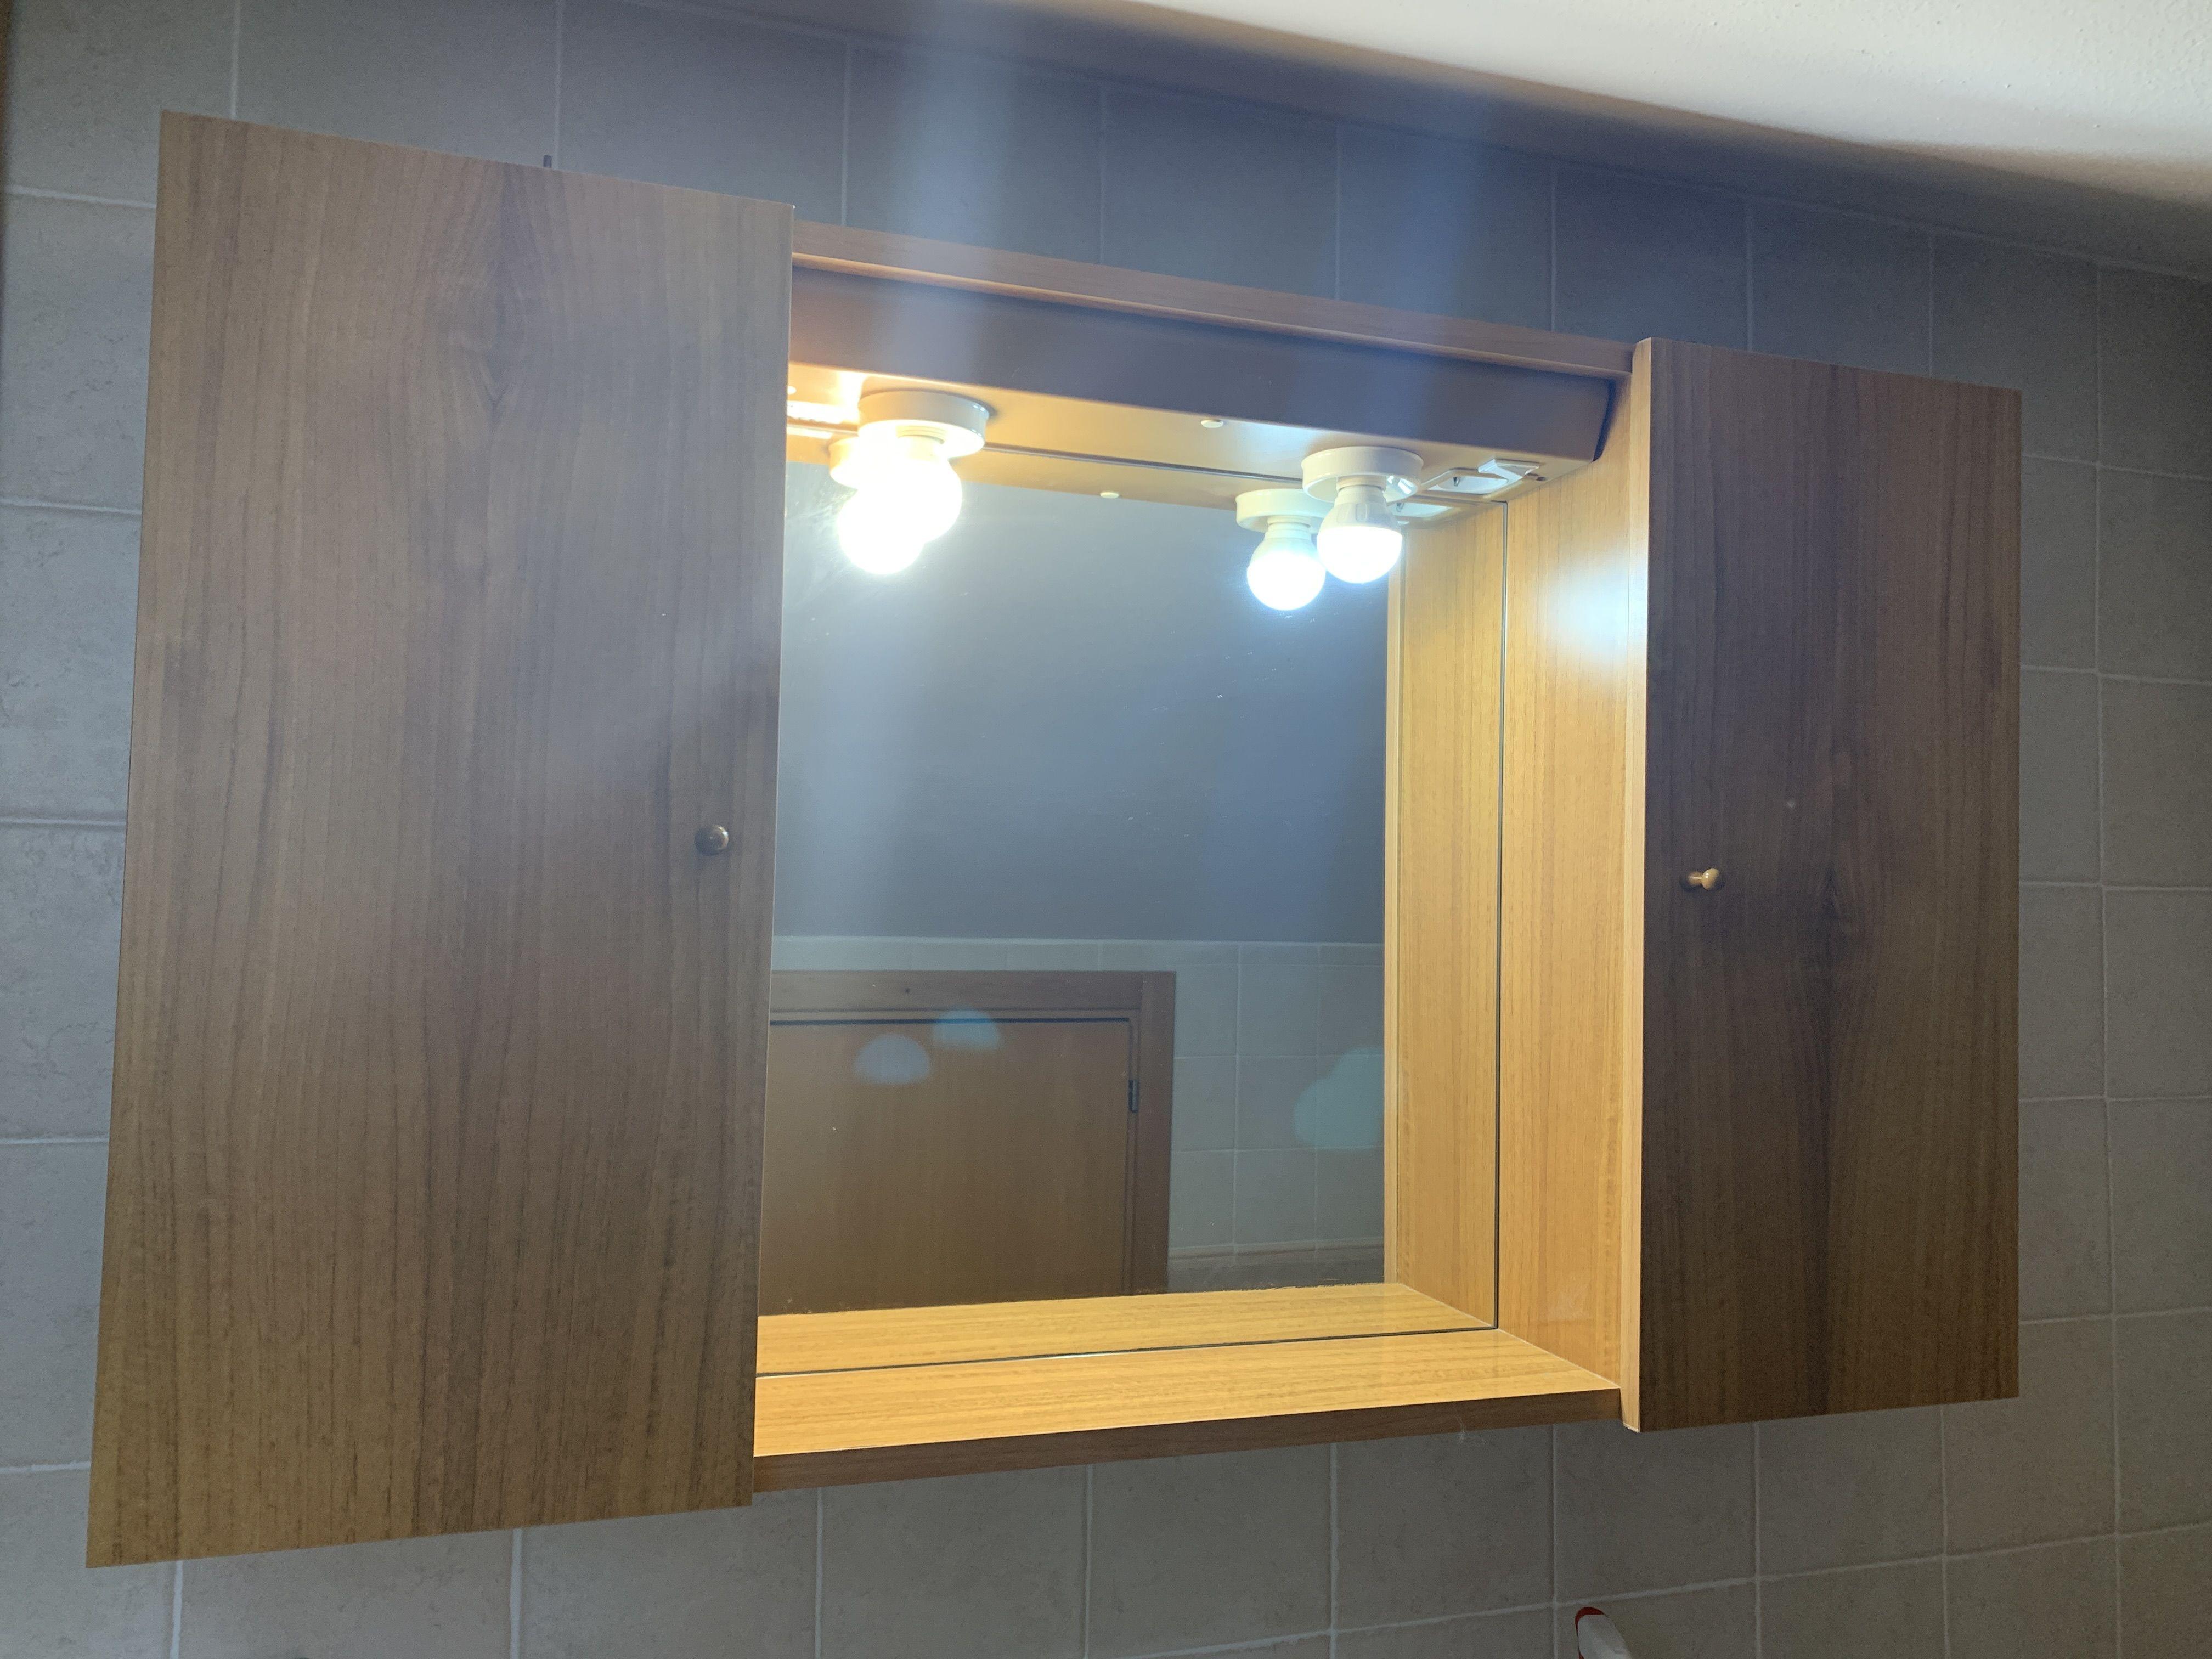 Mobile con specchio